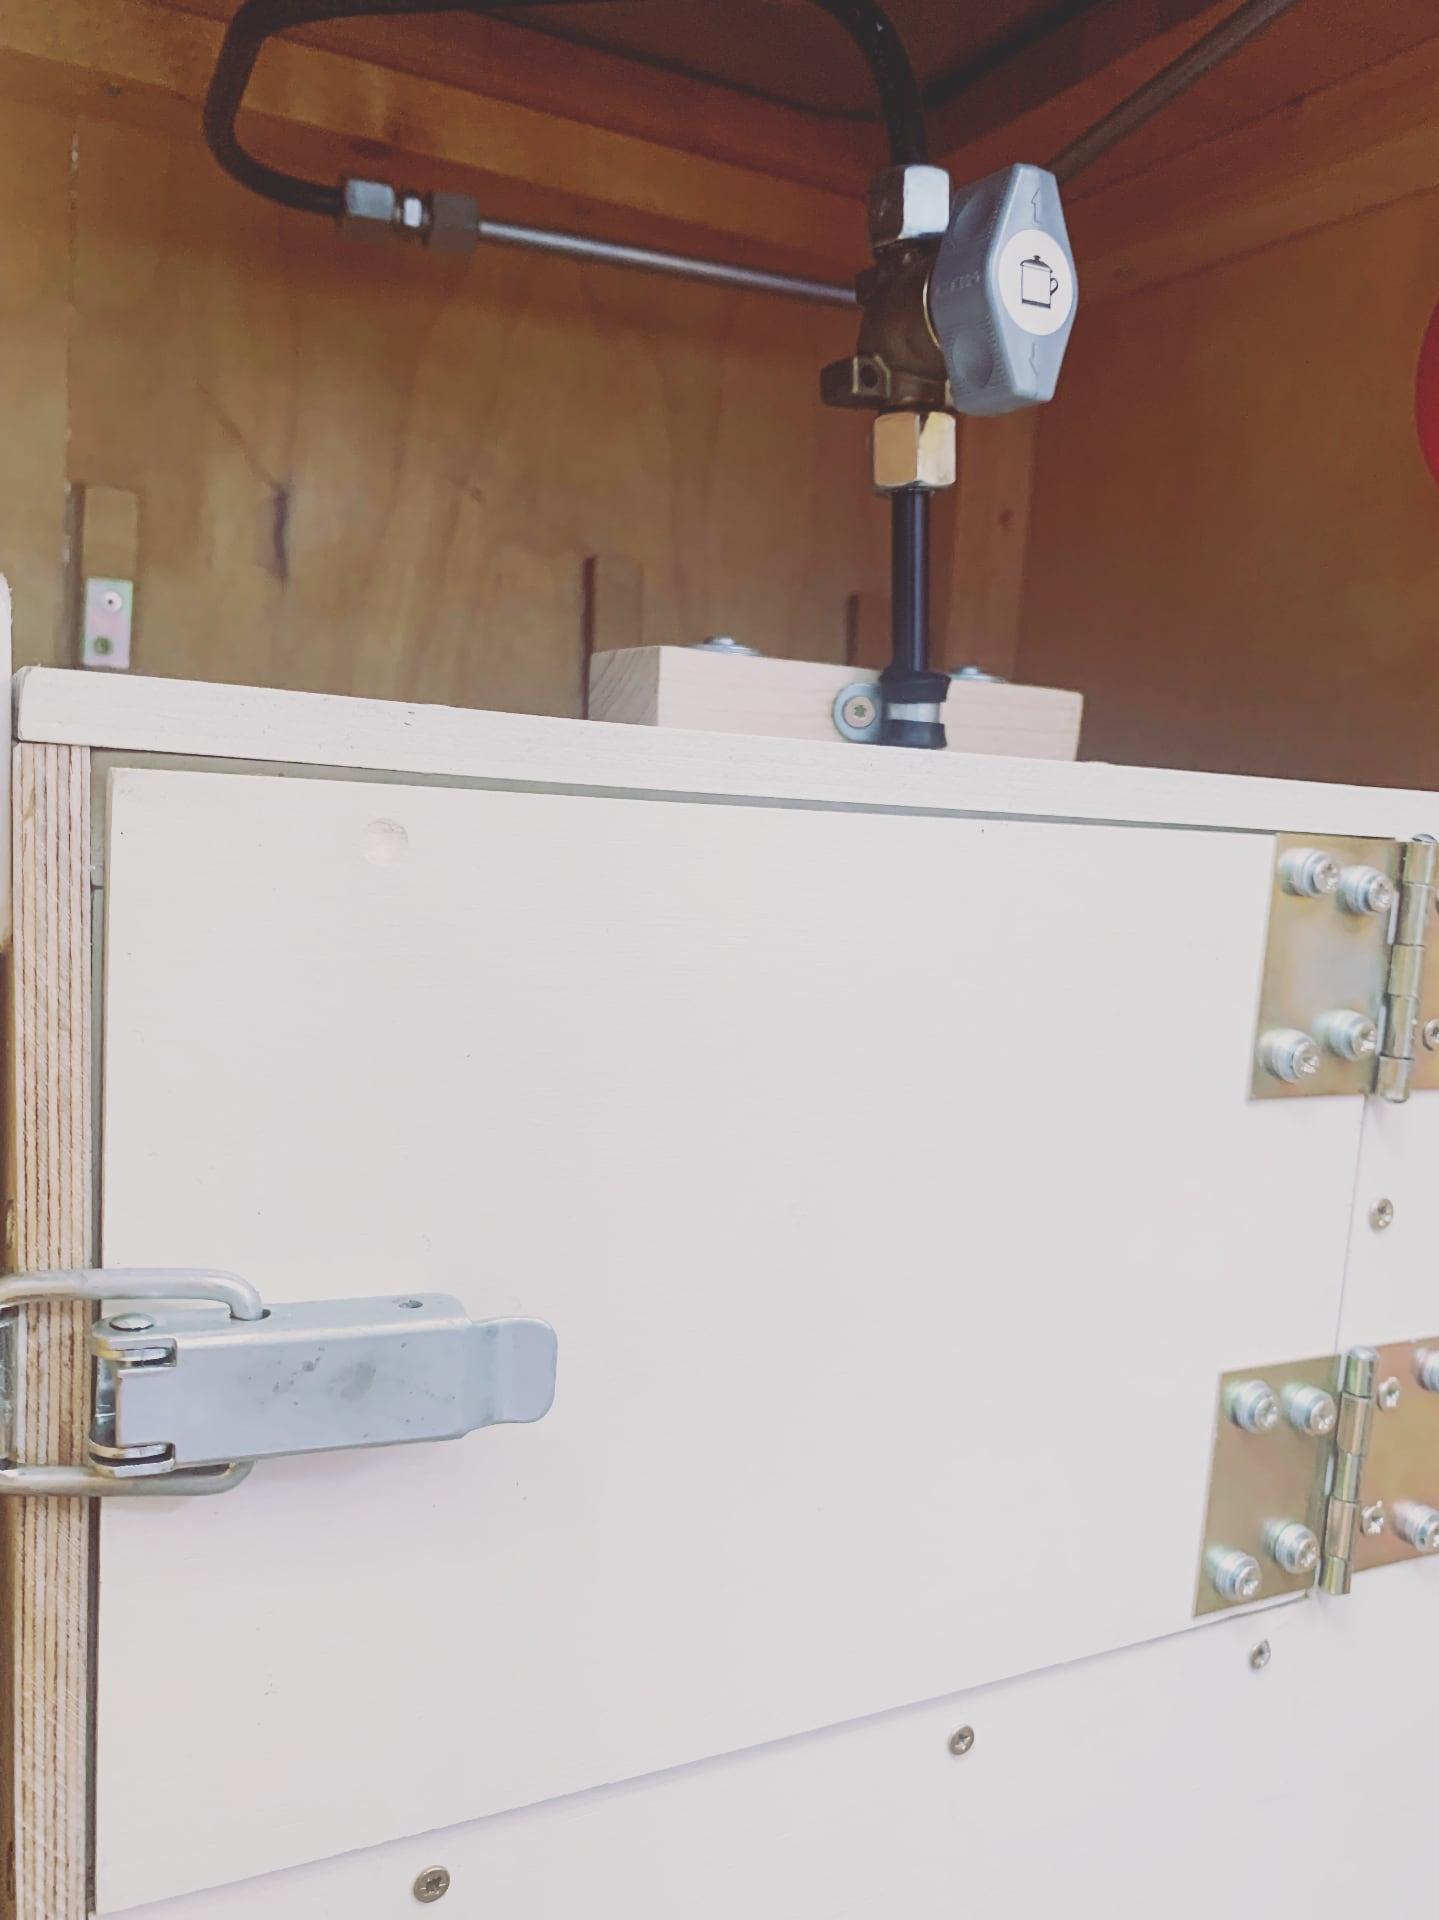 Gaskasten Zugang vom Wohnraum